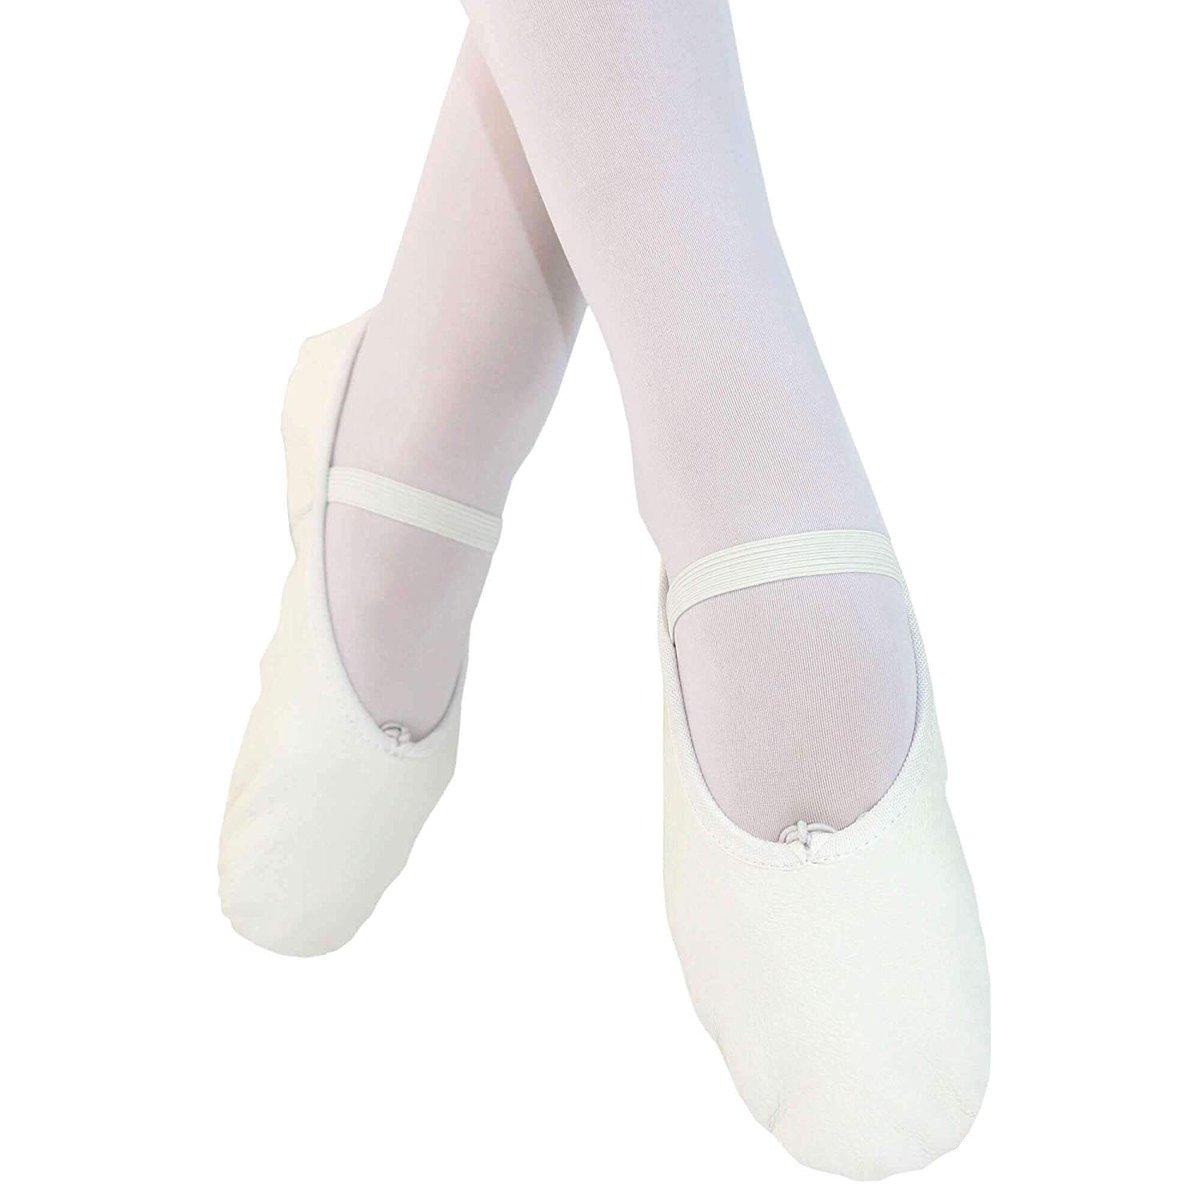 Danzcue Child Full Sole Leather Ballet Slipper